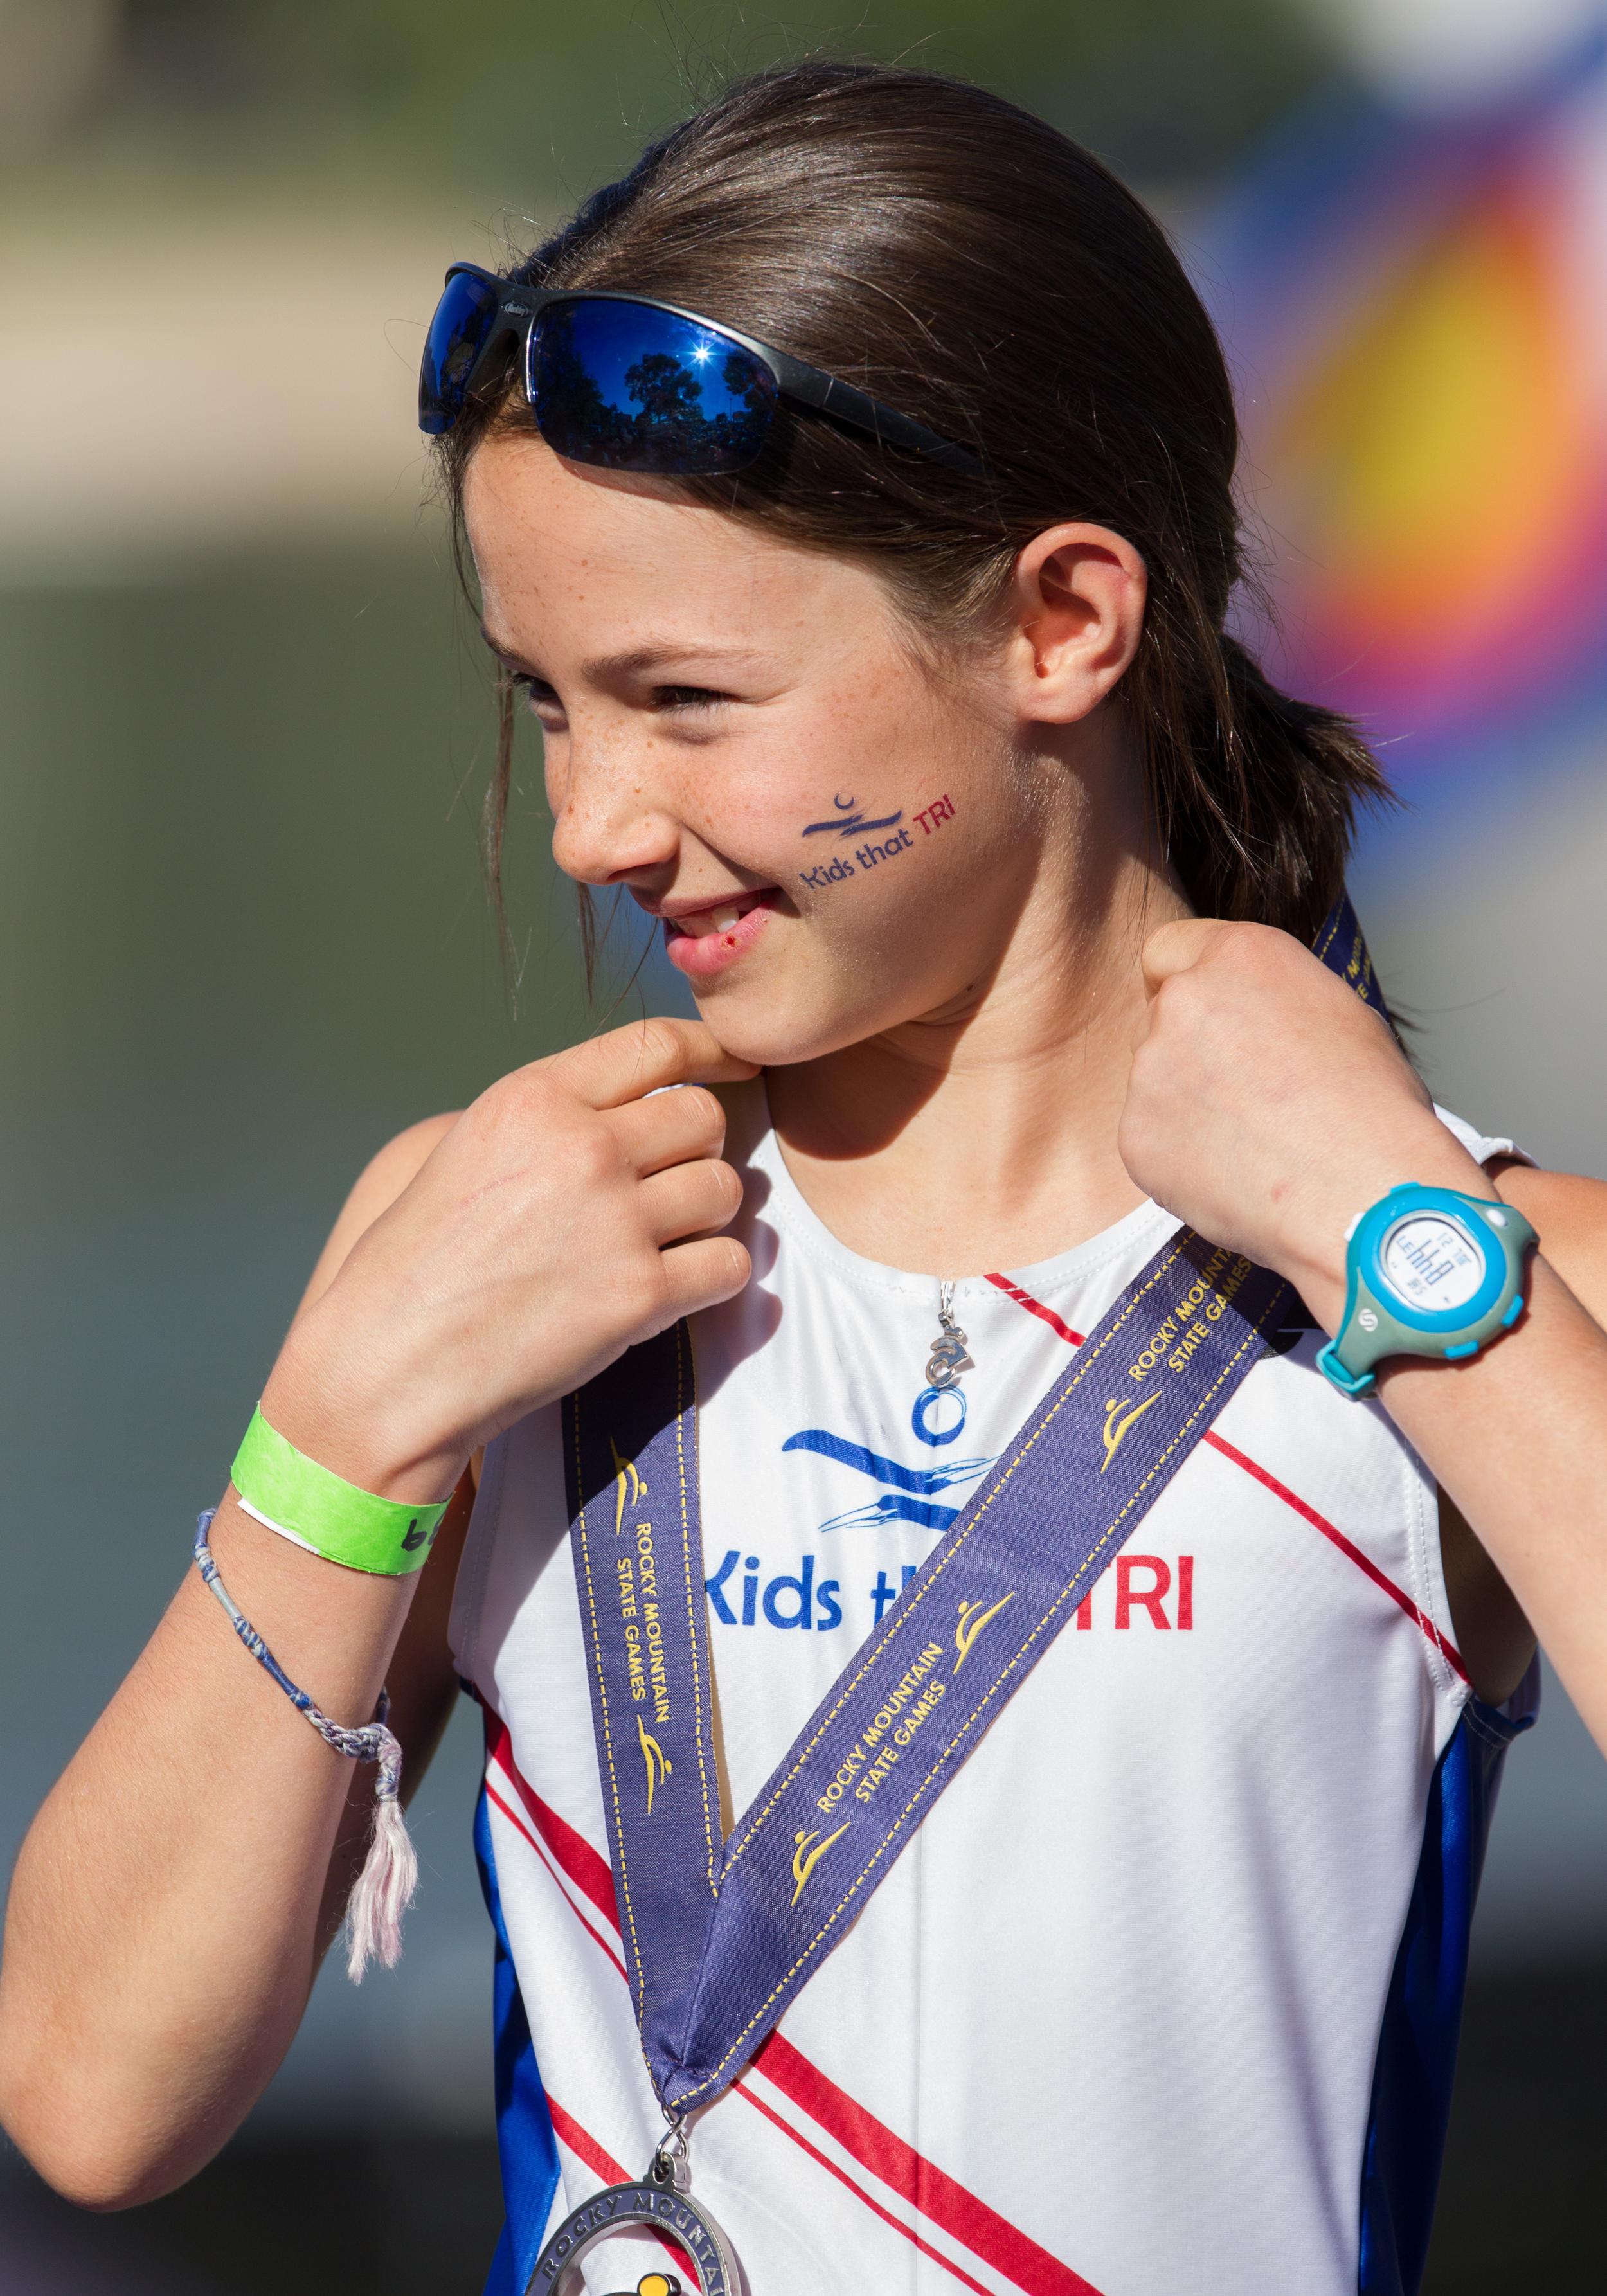 Triathlon_RLB_0900.jpg